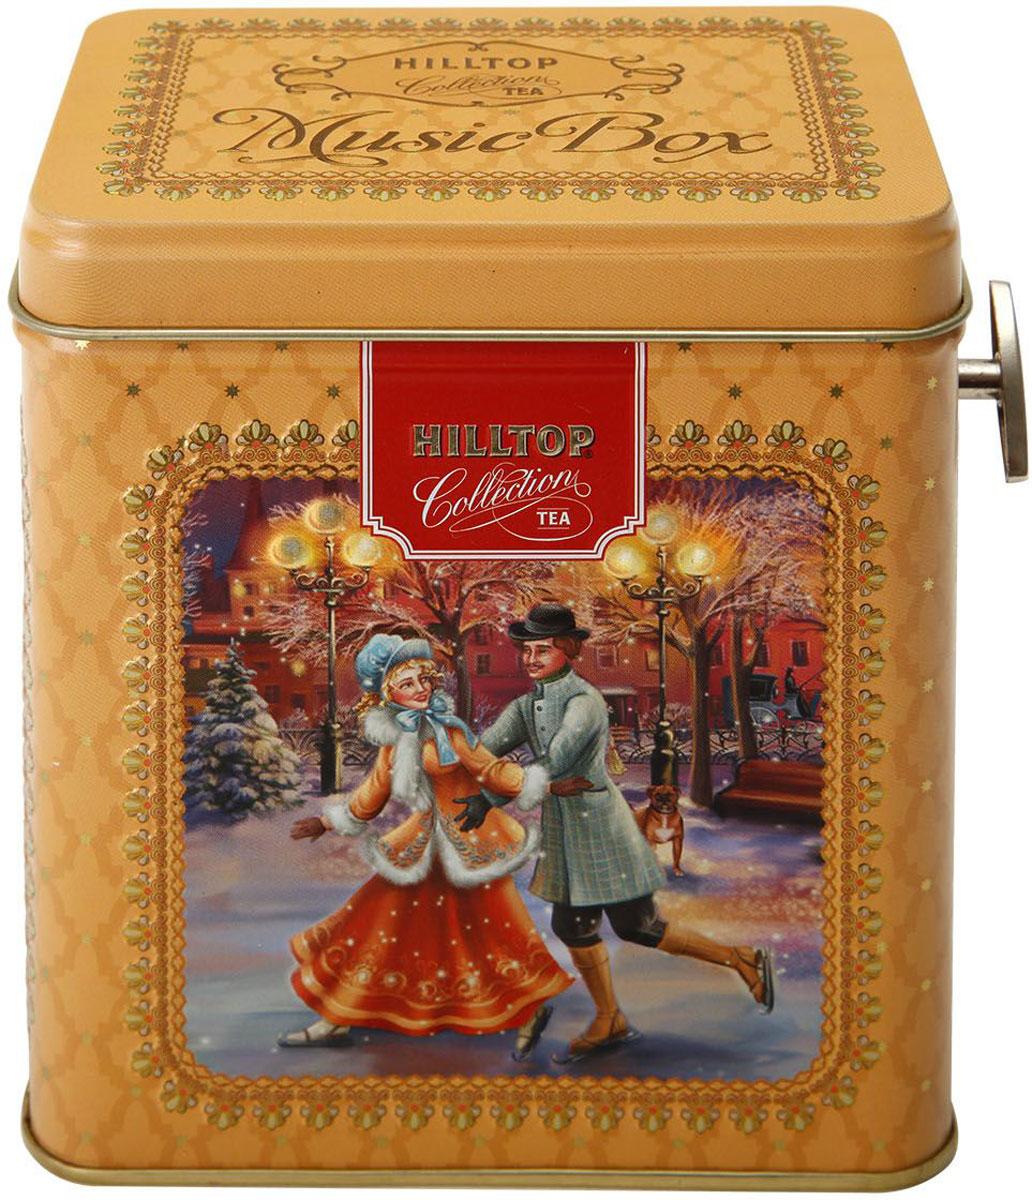 Hilltop Шкатулка Рождественские катания Черный лист черный листовой чай, 100 г0120710Hilltop Черный лист - особо крупнолистовой цейлонский черный чай с насыщенным ароматом и терпким послевкусием. Поставляется в красочной подарочной упаковке. Отлично подойдет в качестве подарка на новогодние праздники.